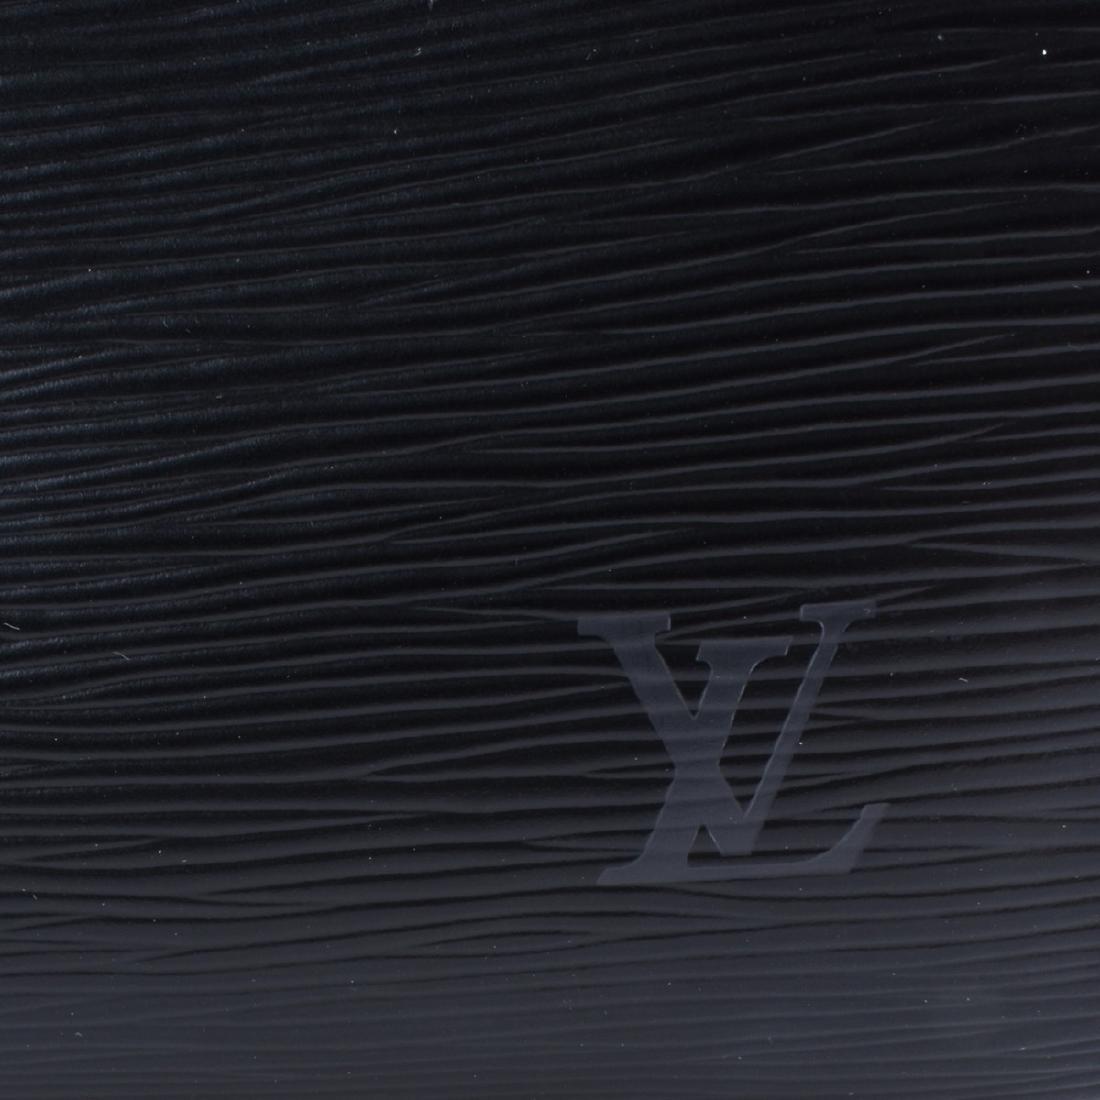 Louis Vuitton Black Epi Leather Pont-Neuf Handbag - 4